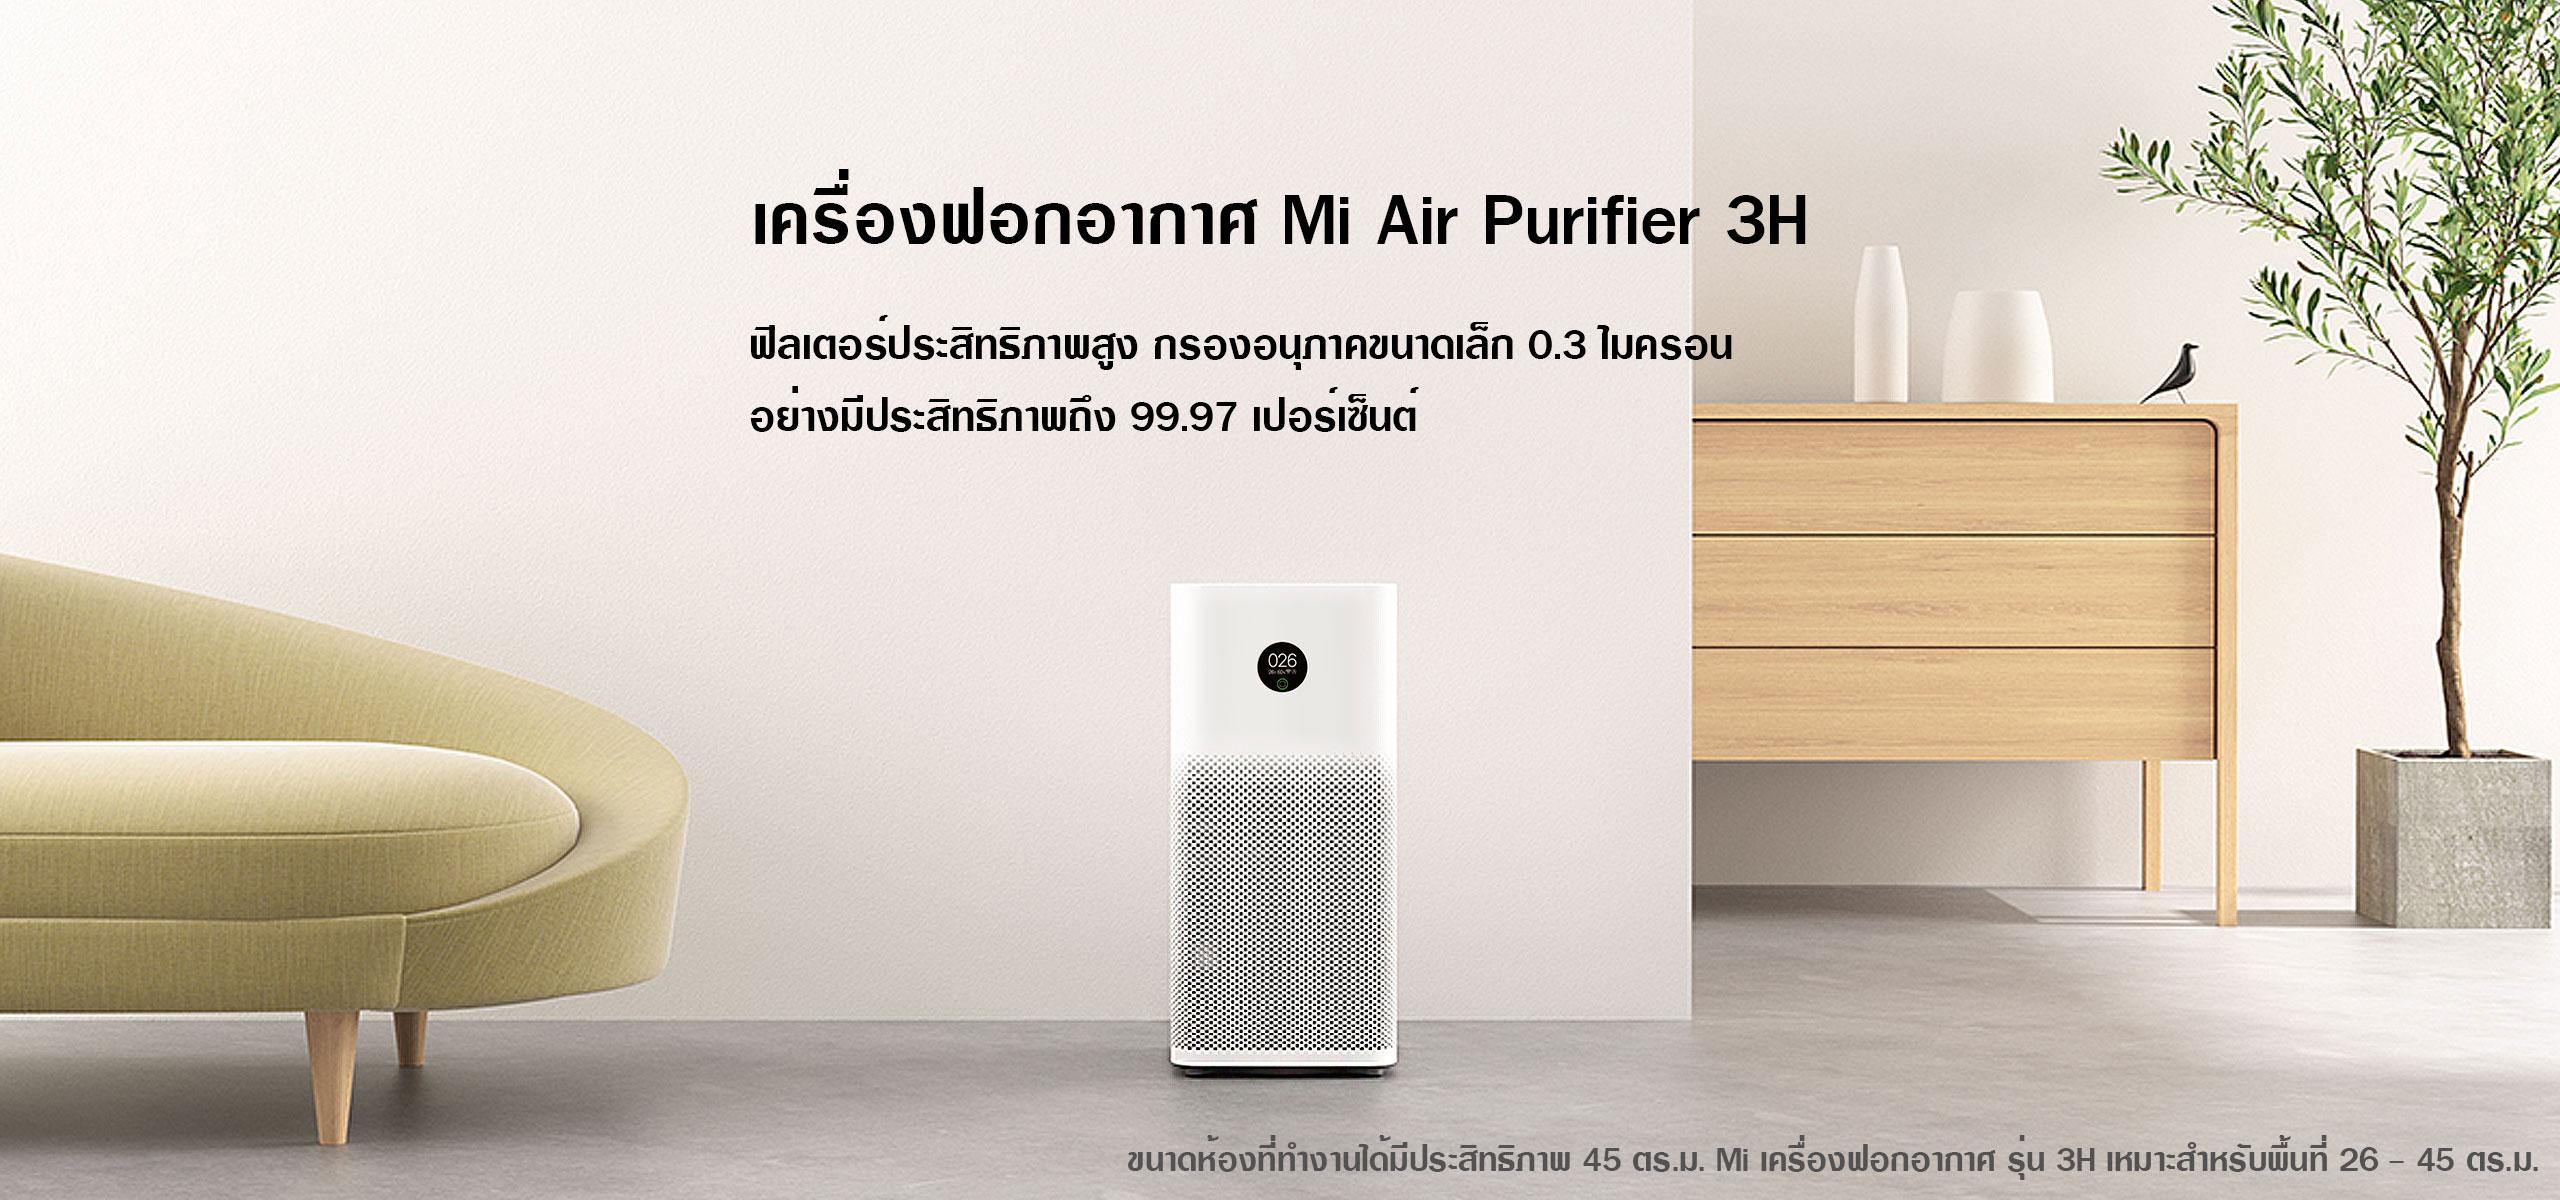 เครื่องฟอกอากาศ Mi Air Purifier 3H True HEPA